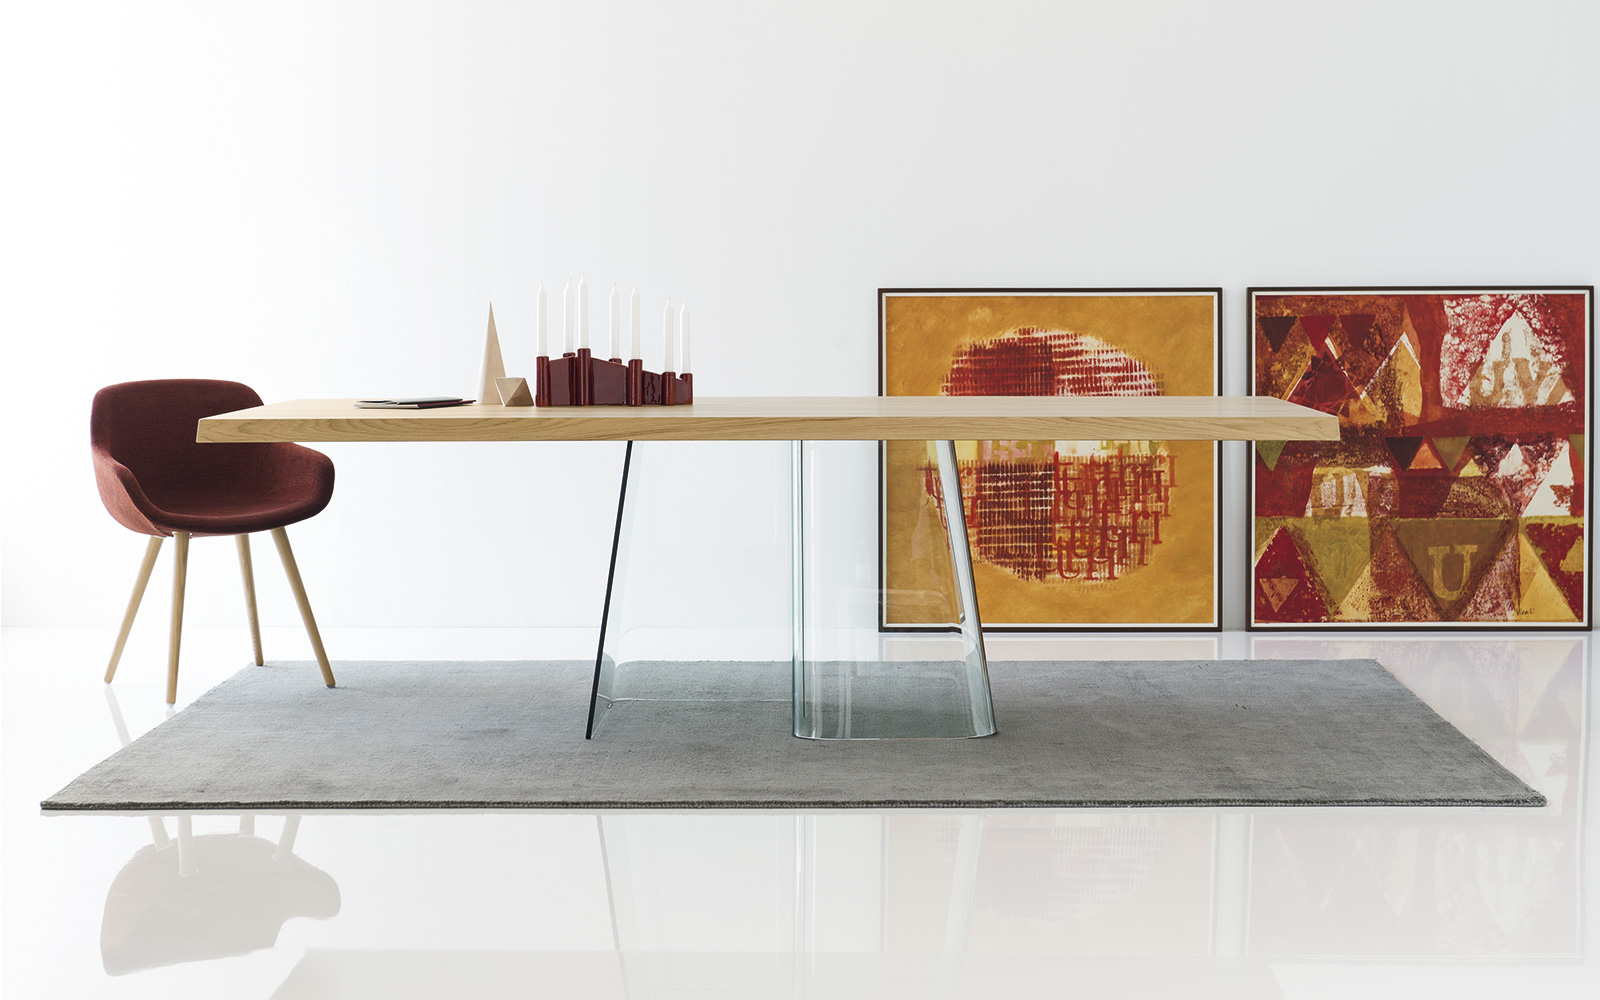 Volo tavolo calligaris ginocchi arredamenti - Credenze moderne calligaris ...